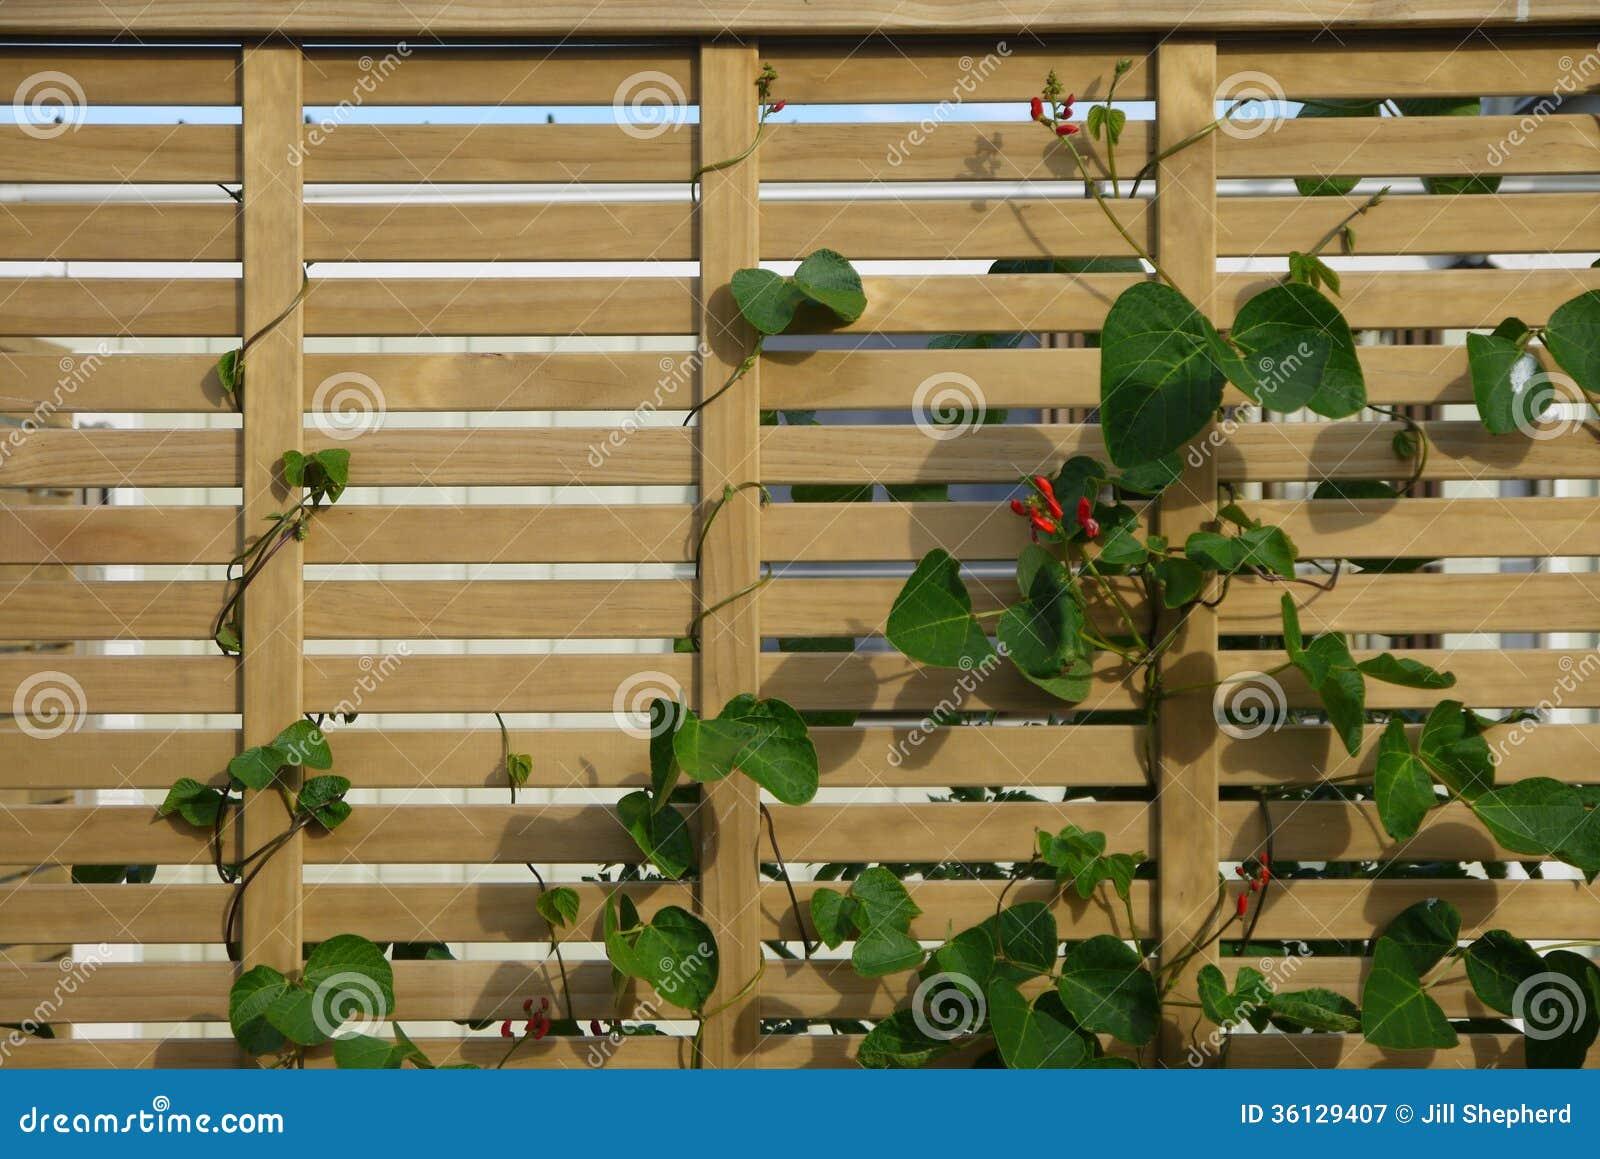 Vegetable Garden: Scarlet Runner Beans Fence Stock Image - Image of ...